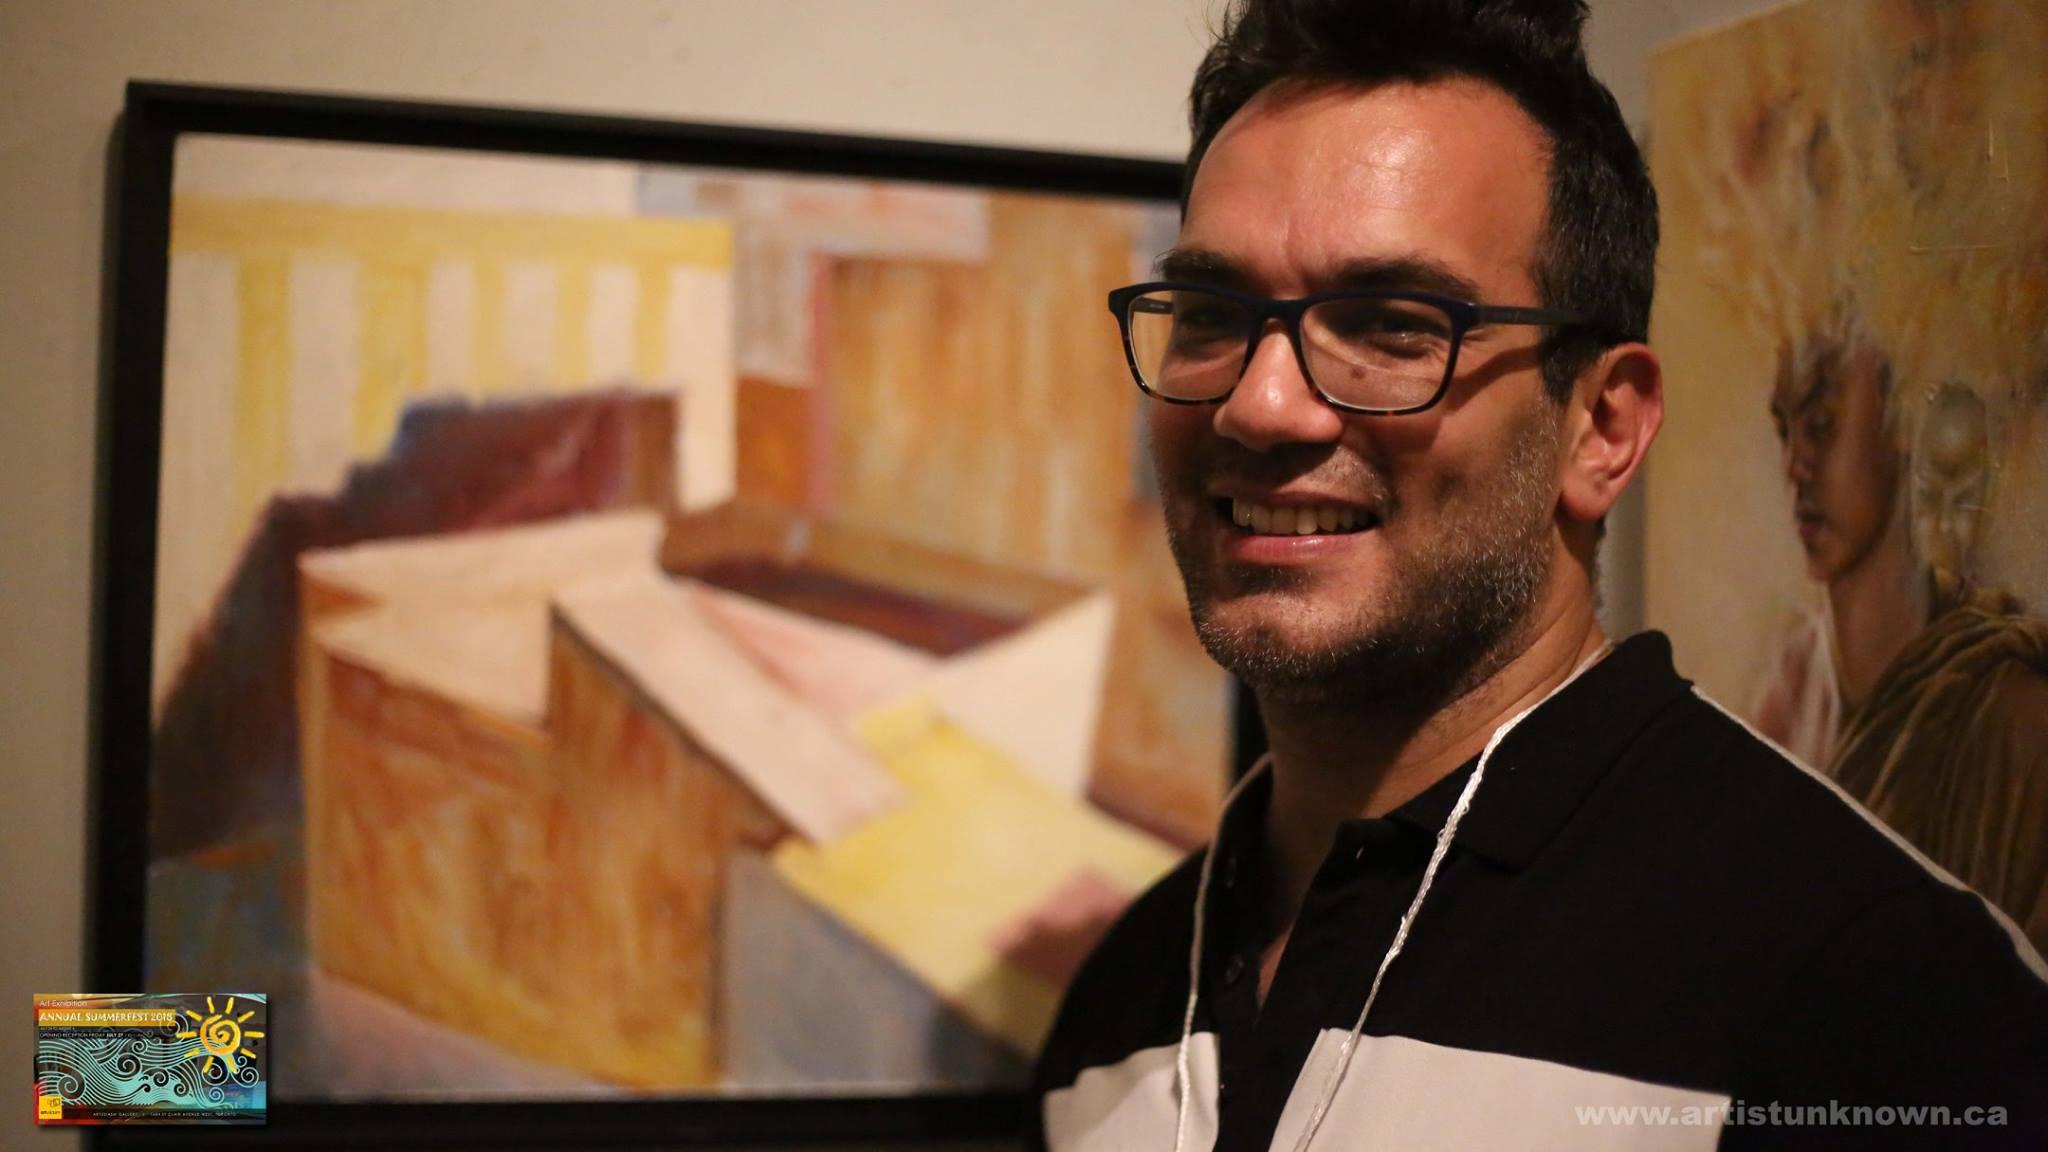 Profesori i pikturës në Toronto, Robert Simoni: Në çdo portret lexohet një histori jete